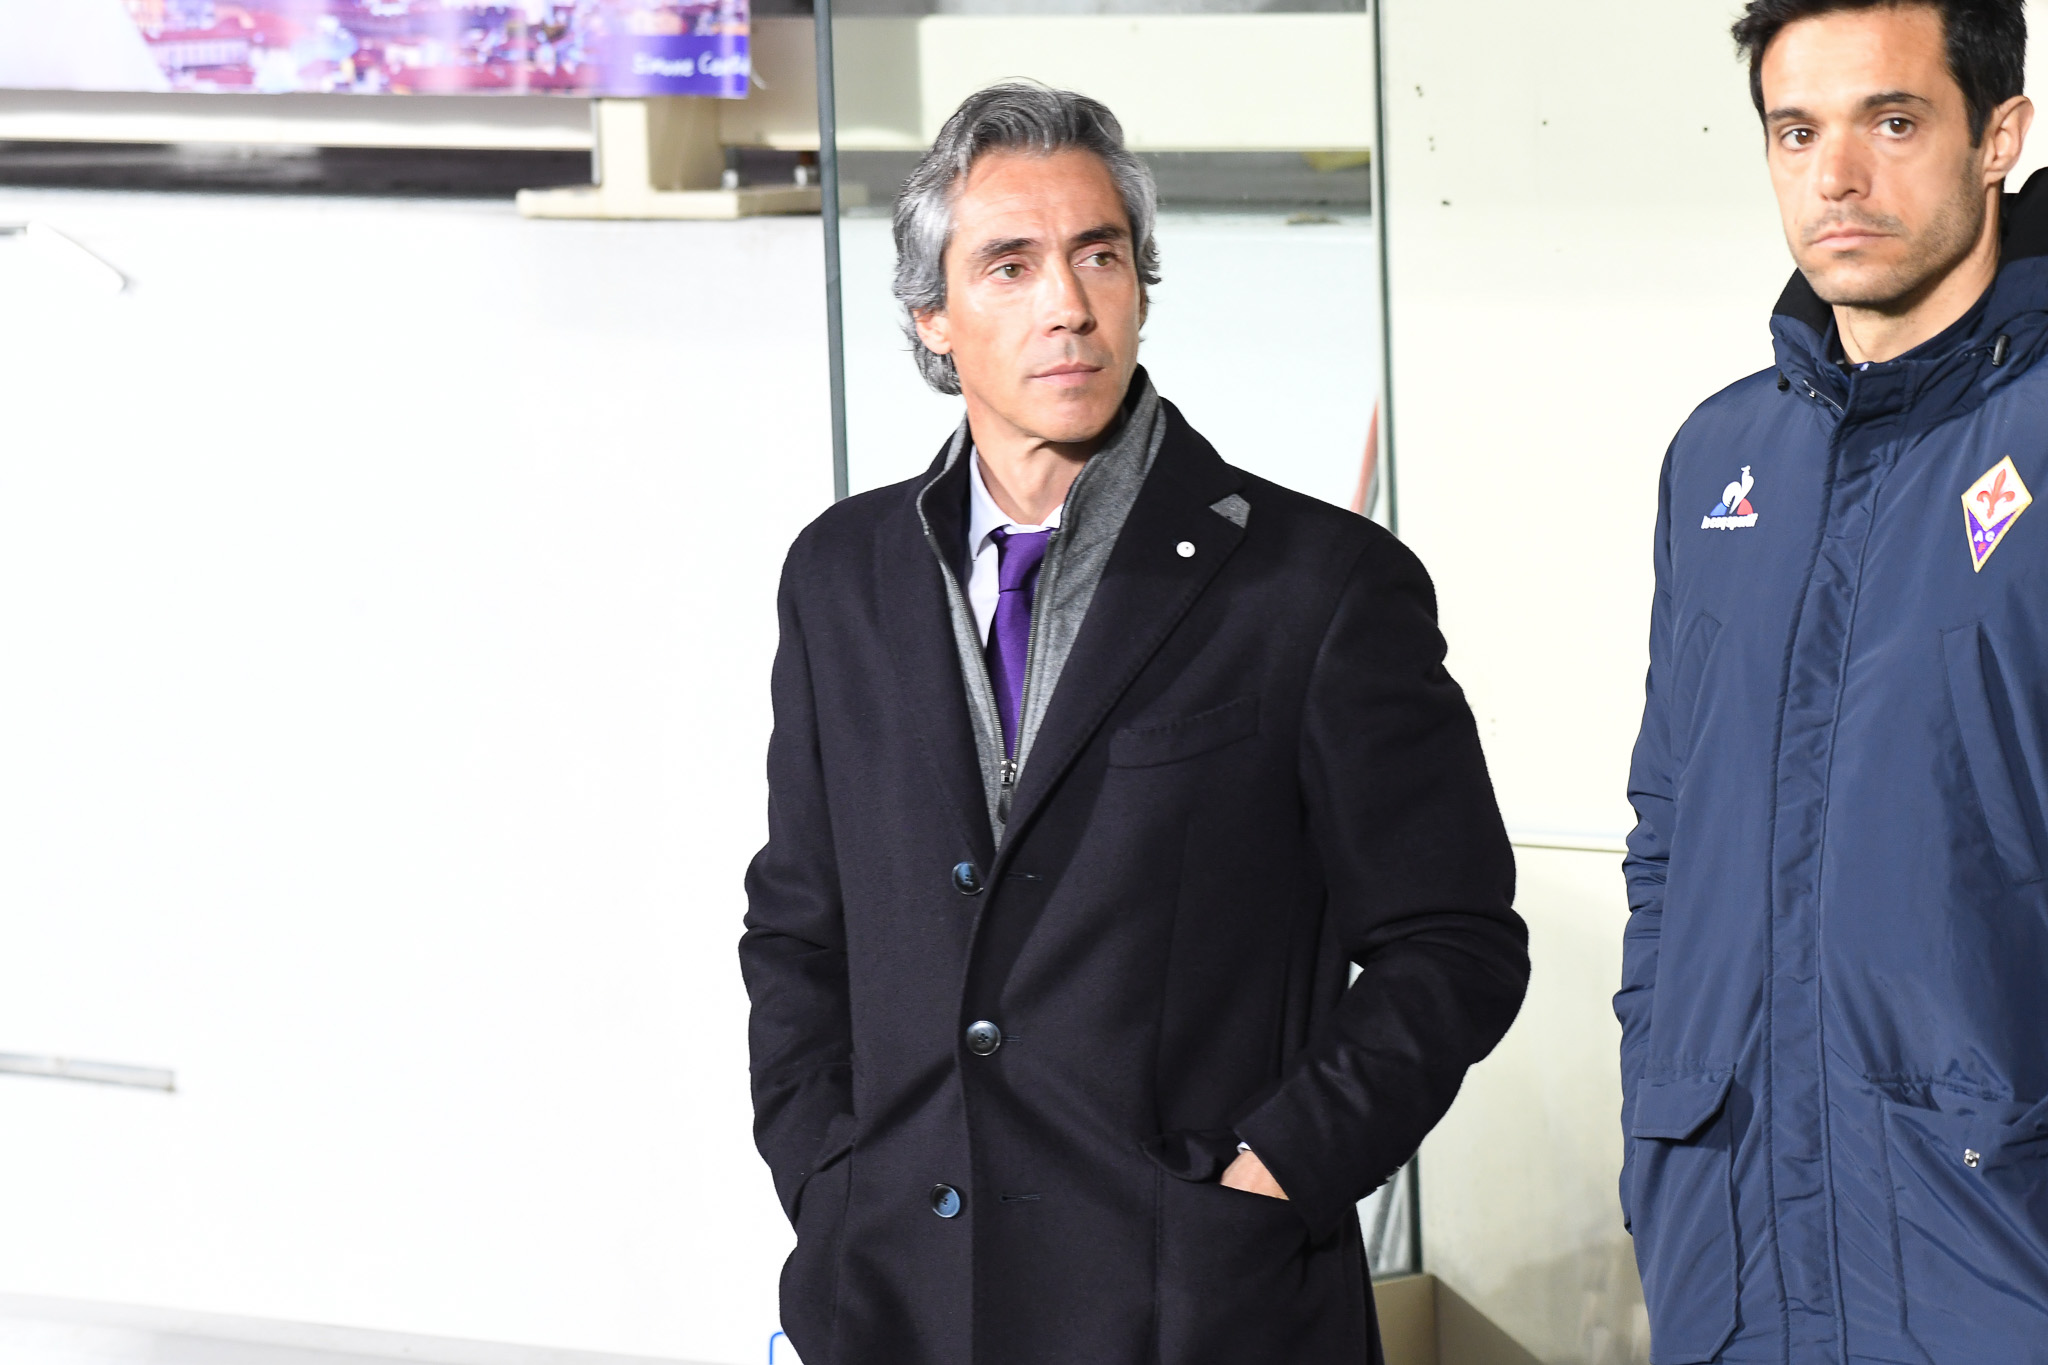 CARO PAULO STAI SERENO, ORMAI MANCA POCO